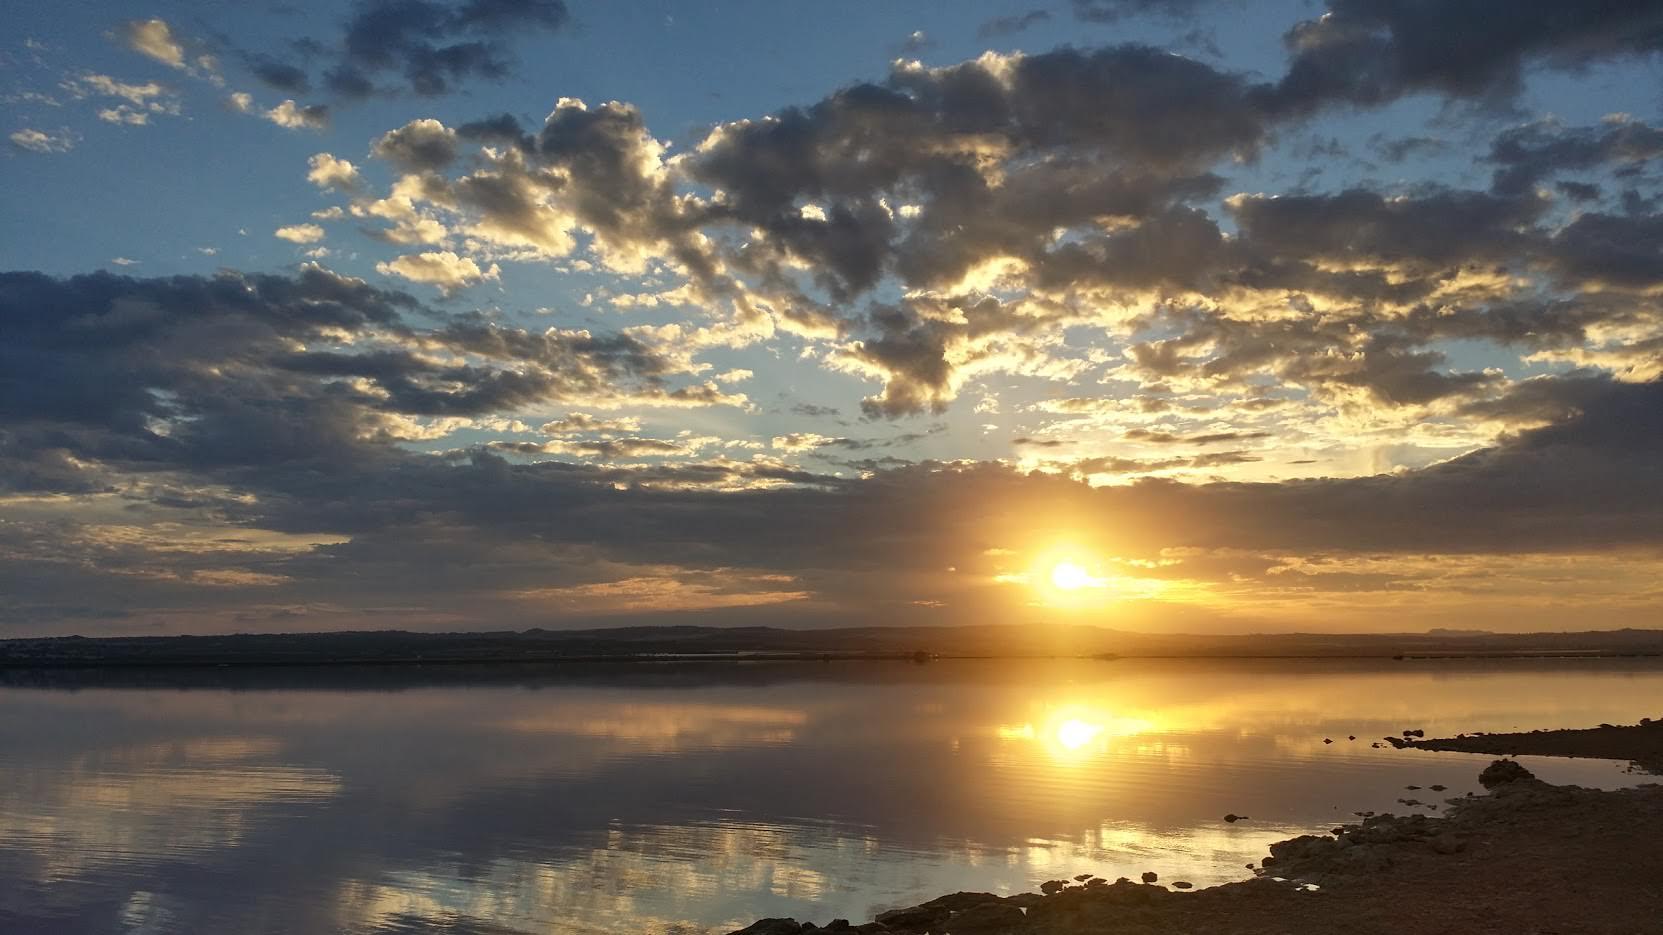 Sonnenuntergang am Salzsee